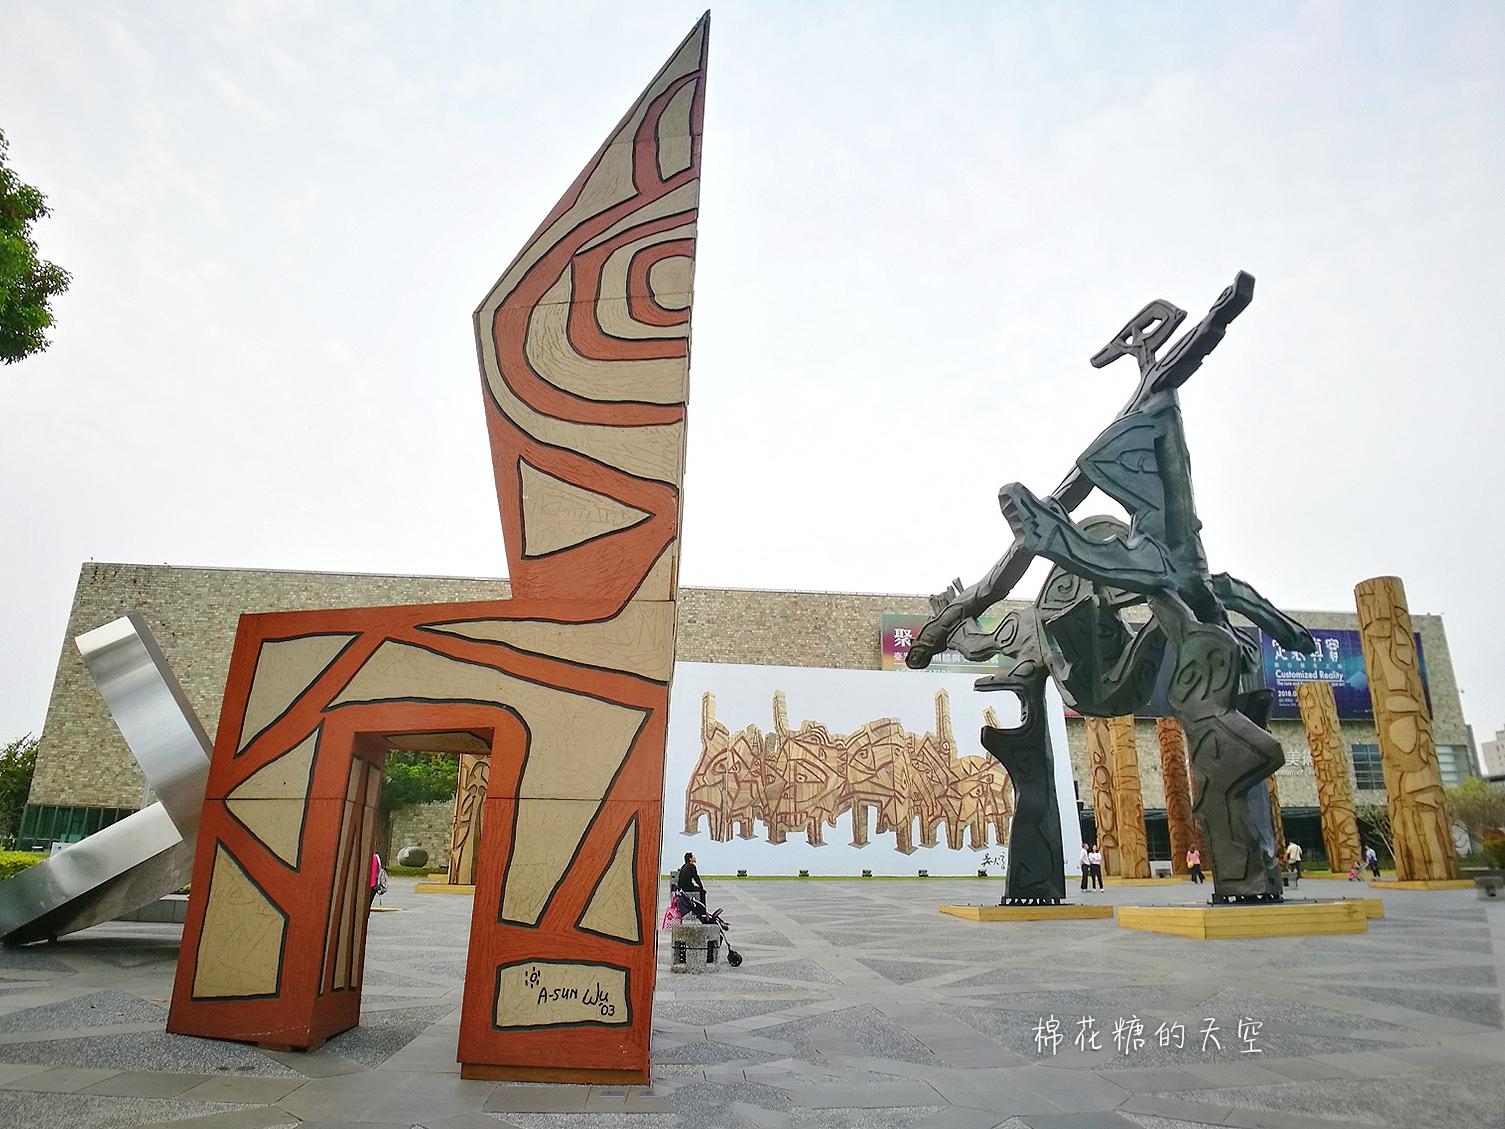 20180319190521 94 - 國立美術館被外星人佔據了?!五層樓高巨型雕塑被巨木圍繞好像電影場景!吳炫三回顧展